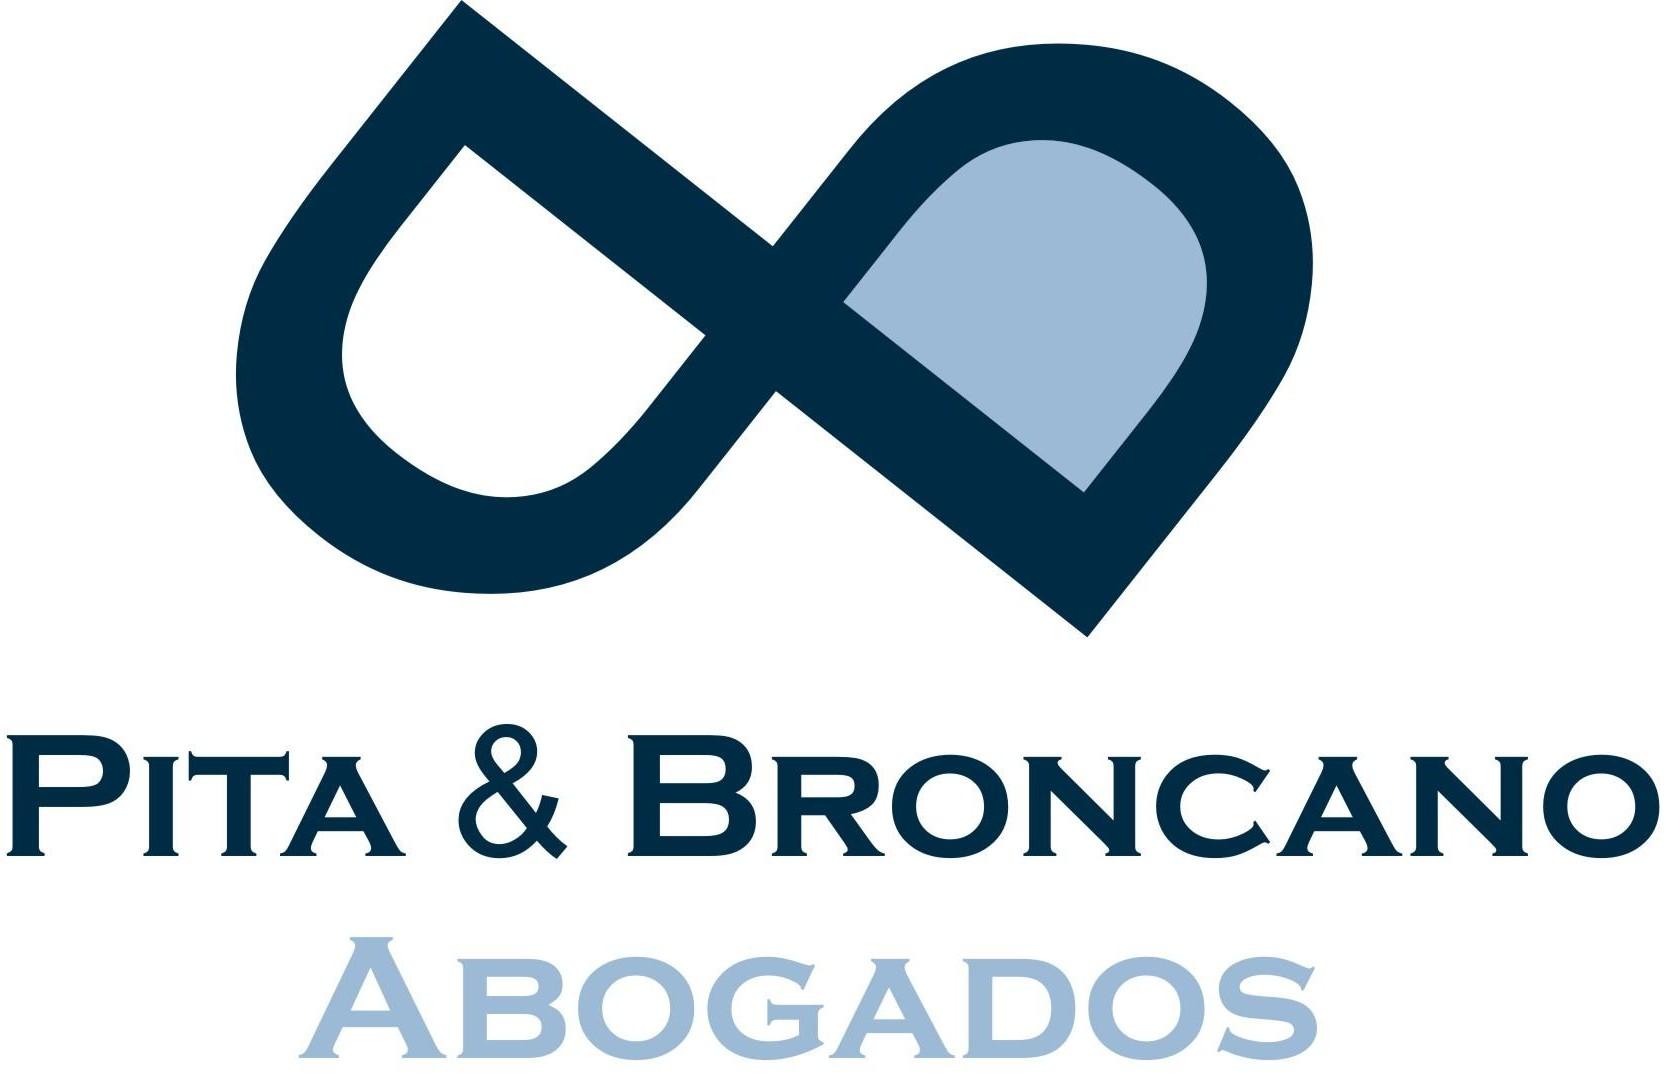 9999 Pita & Broncano